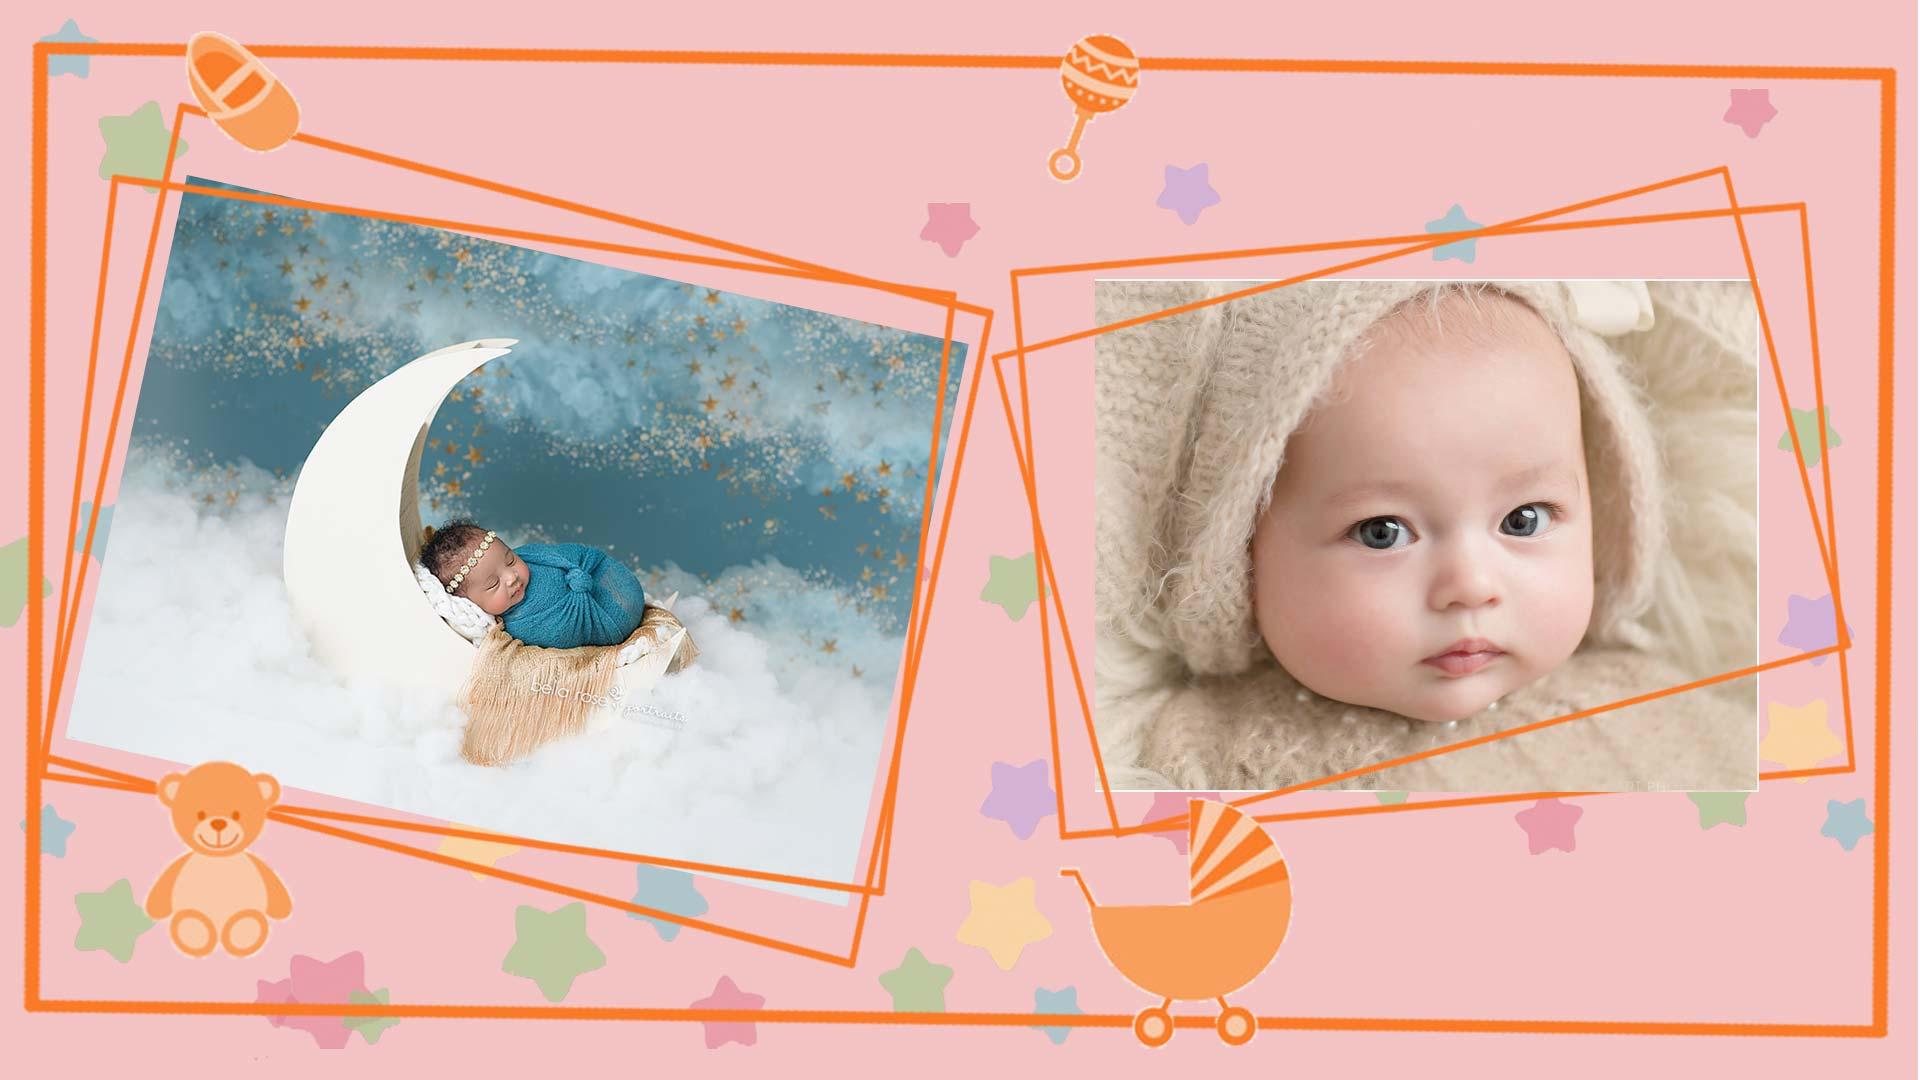 baby photography122 - نکات عکاسی از کودک و نوزاد